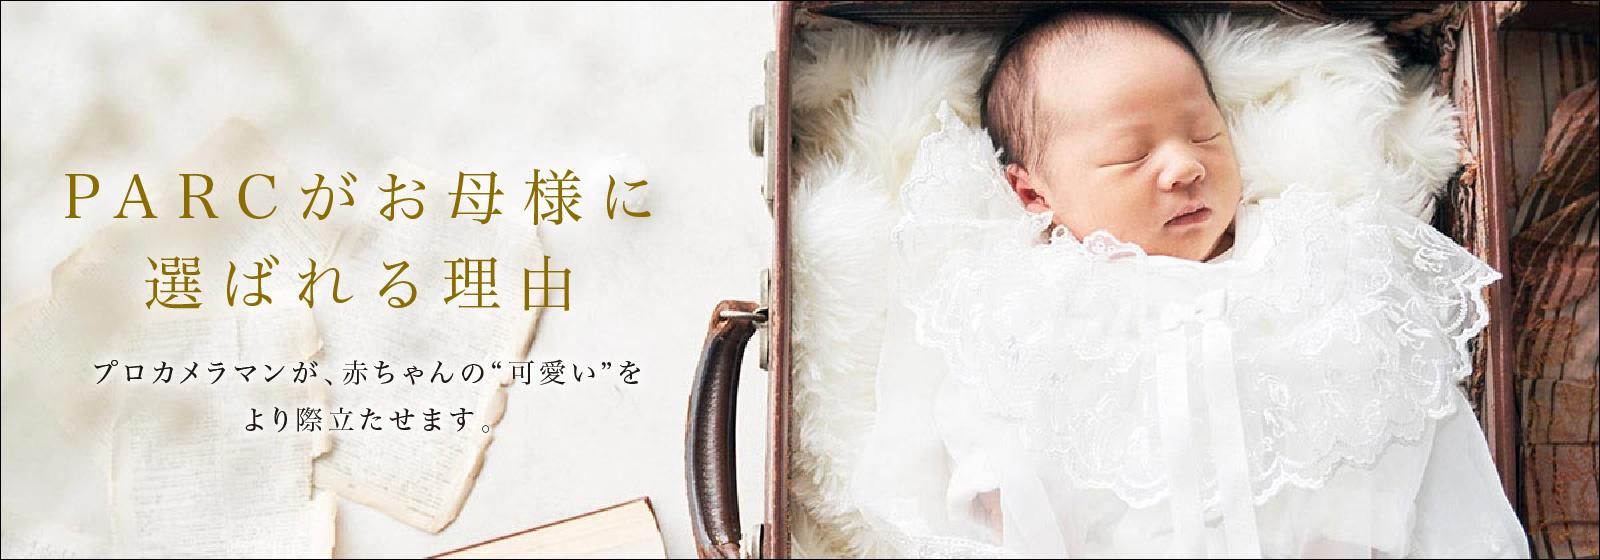 """プロカメラマンが、赤ちゃんの""""可愛い""""をより際立たせます。【PARCがお母様に選ばれる理由】"""